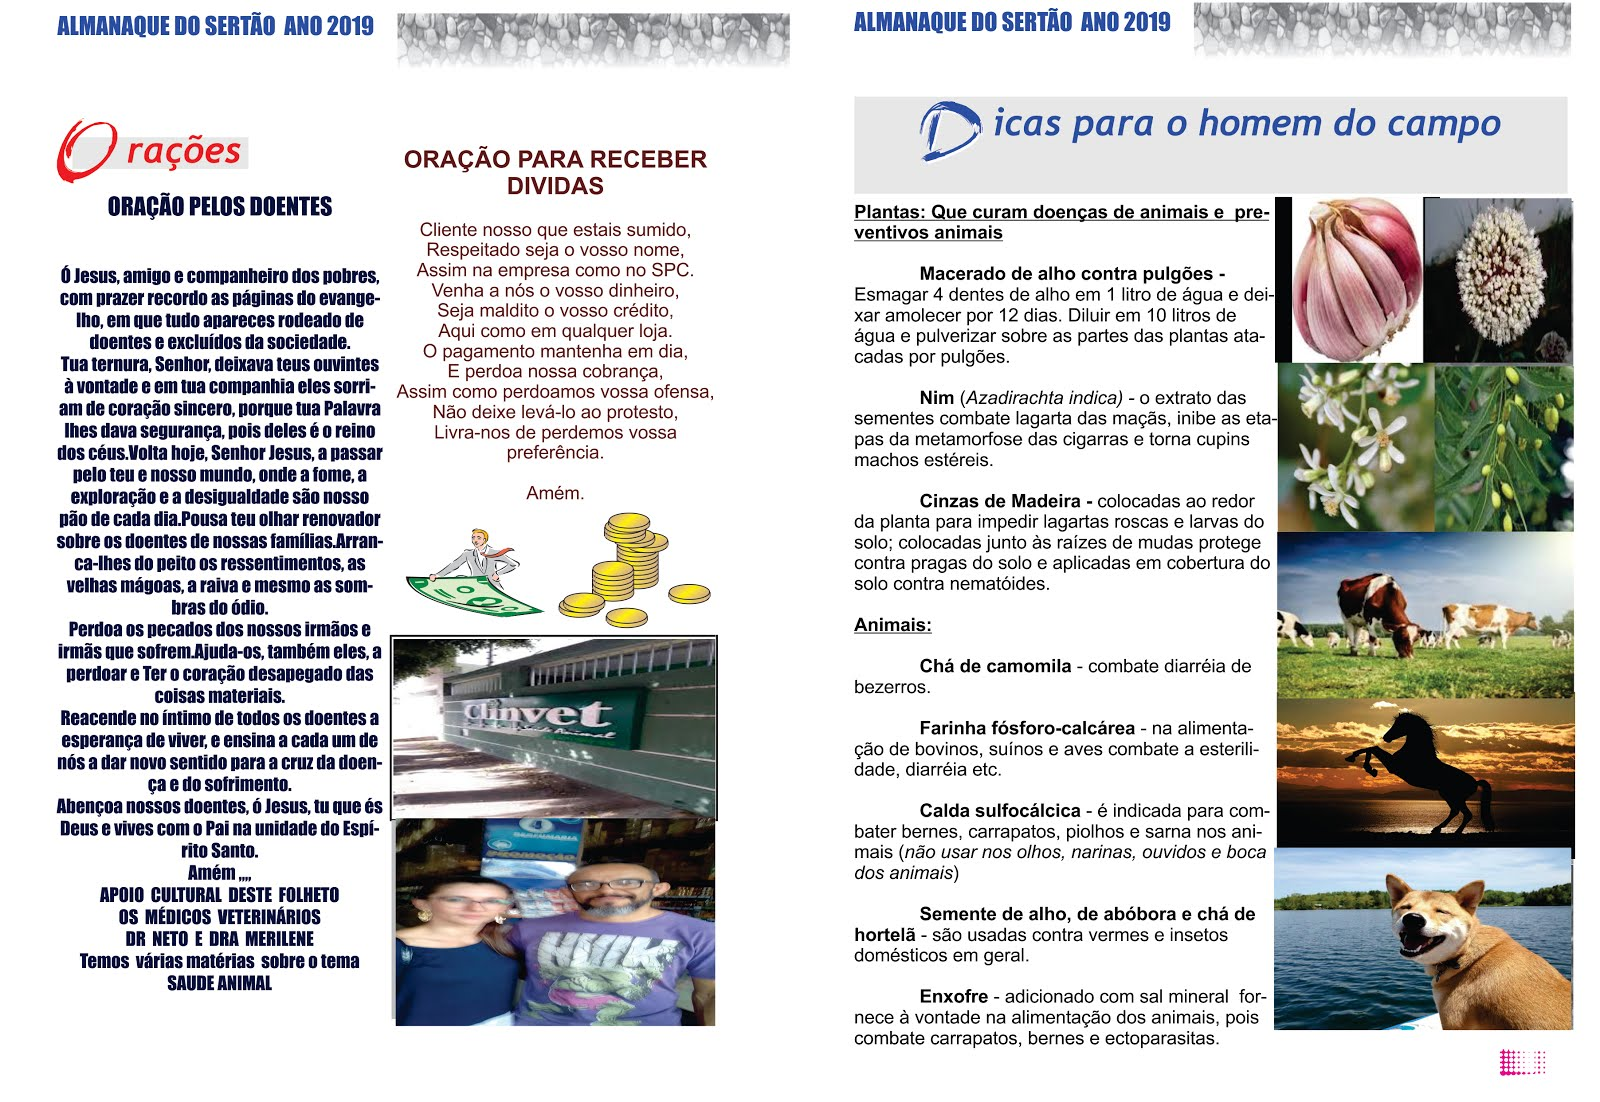 DICAS  DE SAÚDE ANIMAL  ORAÇÃO DE RECEBER  DÍVIDAS  ENTRE OUTRAS  CURIOSIDADES